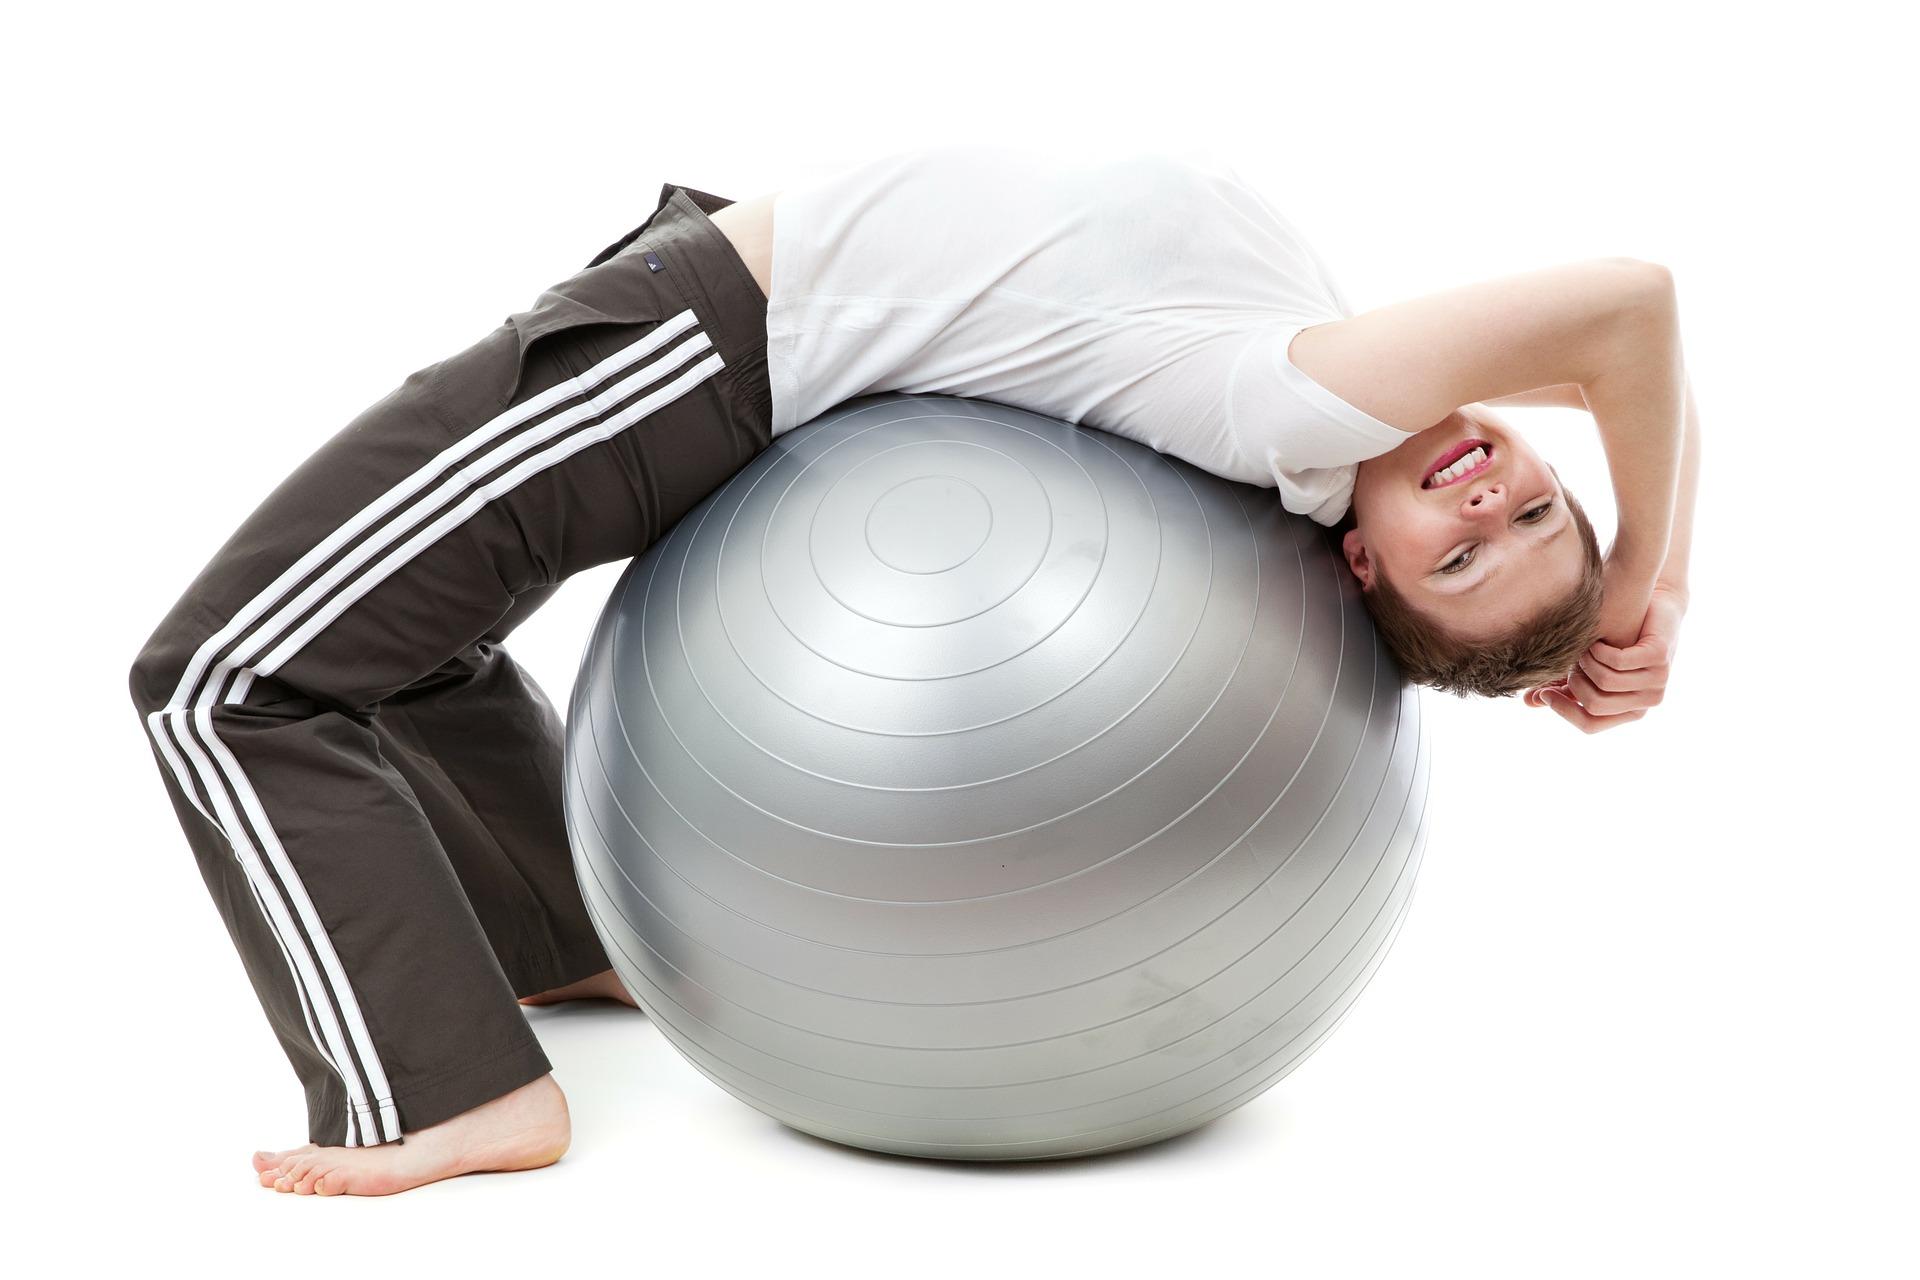 Des cours de gymnastique variés pour jeunes, adultes et seniors